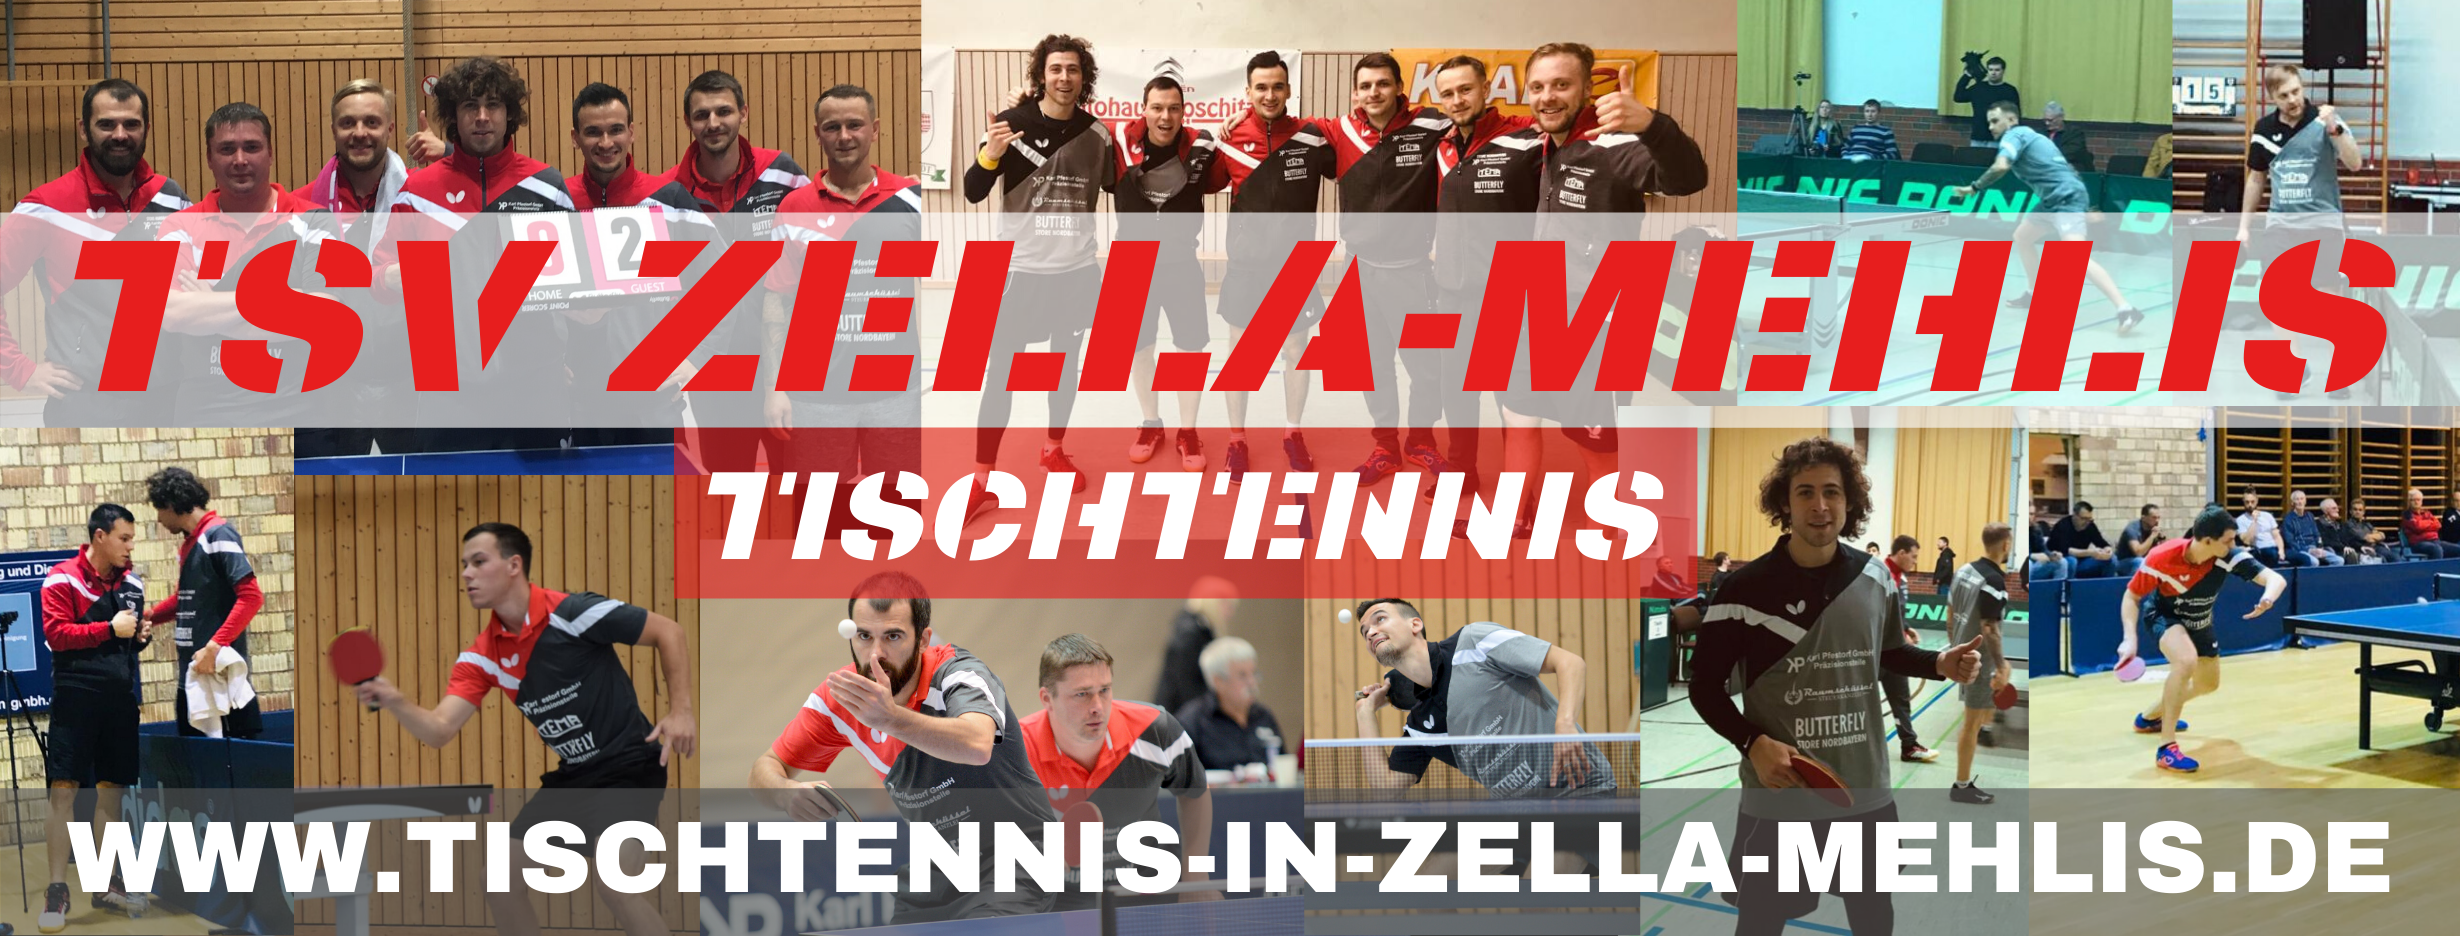 TSV Zella-Mehlis Tischtennis